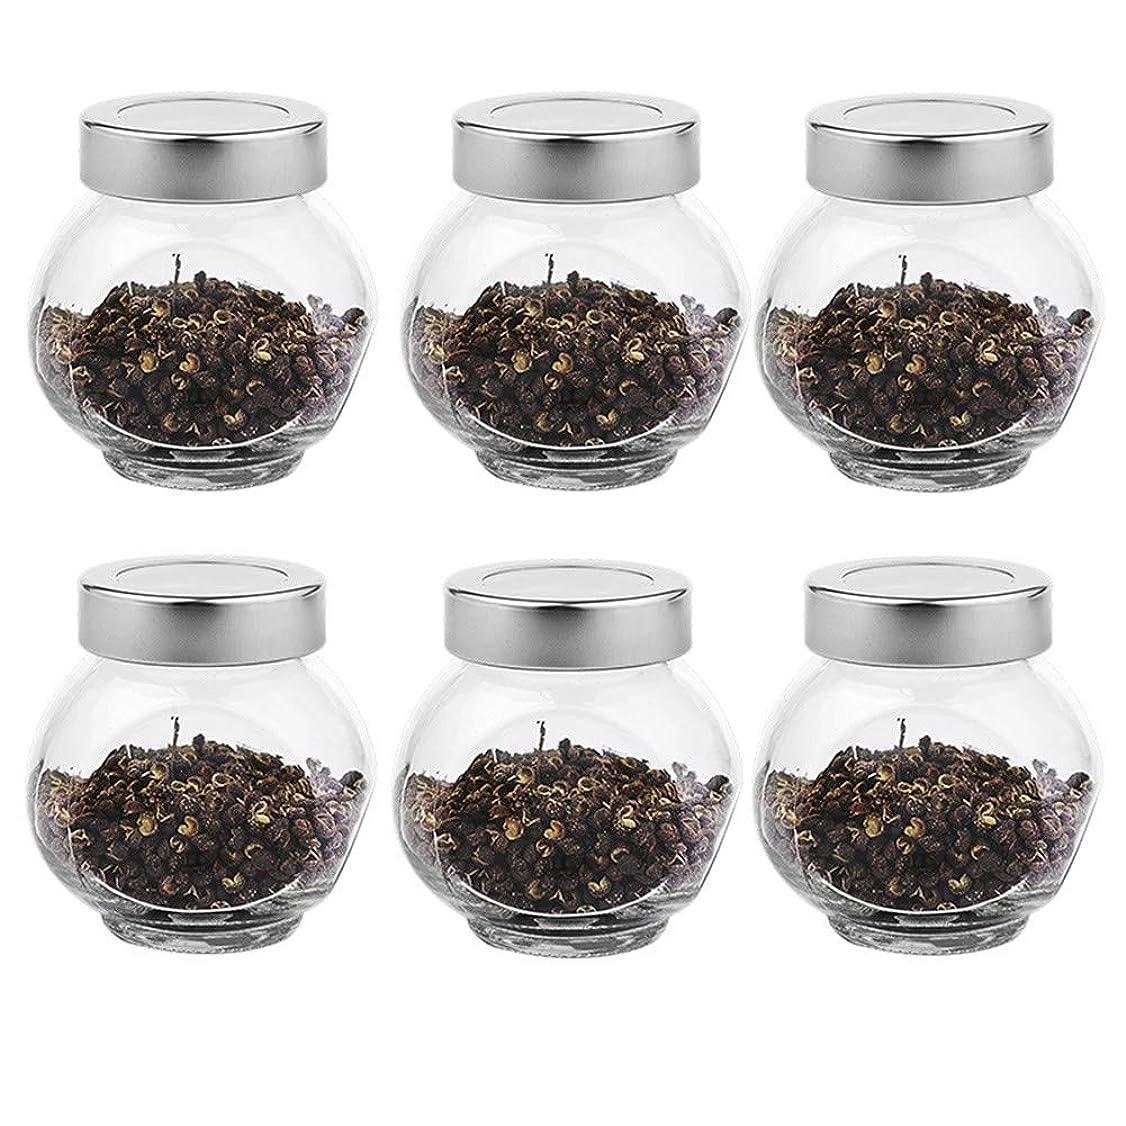 ボート逃れる解釈する6つの透明ガラス貯蔵容器茶/季節密封缶(200 ml)の貯蔵ジャーパック